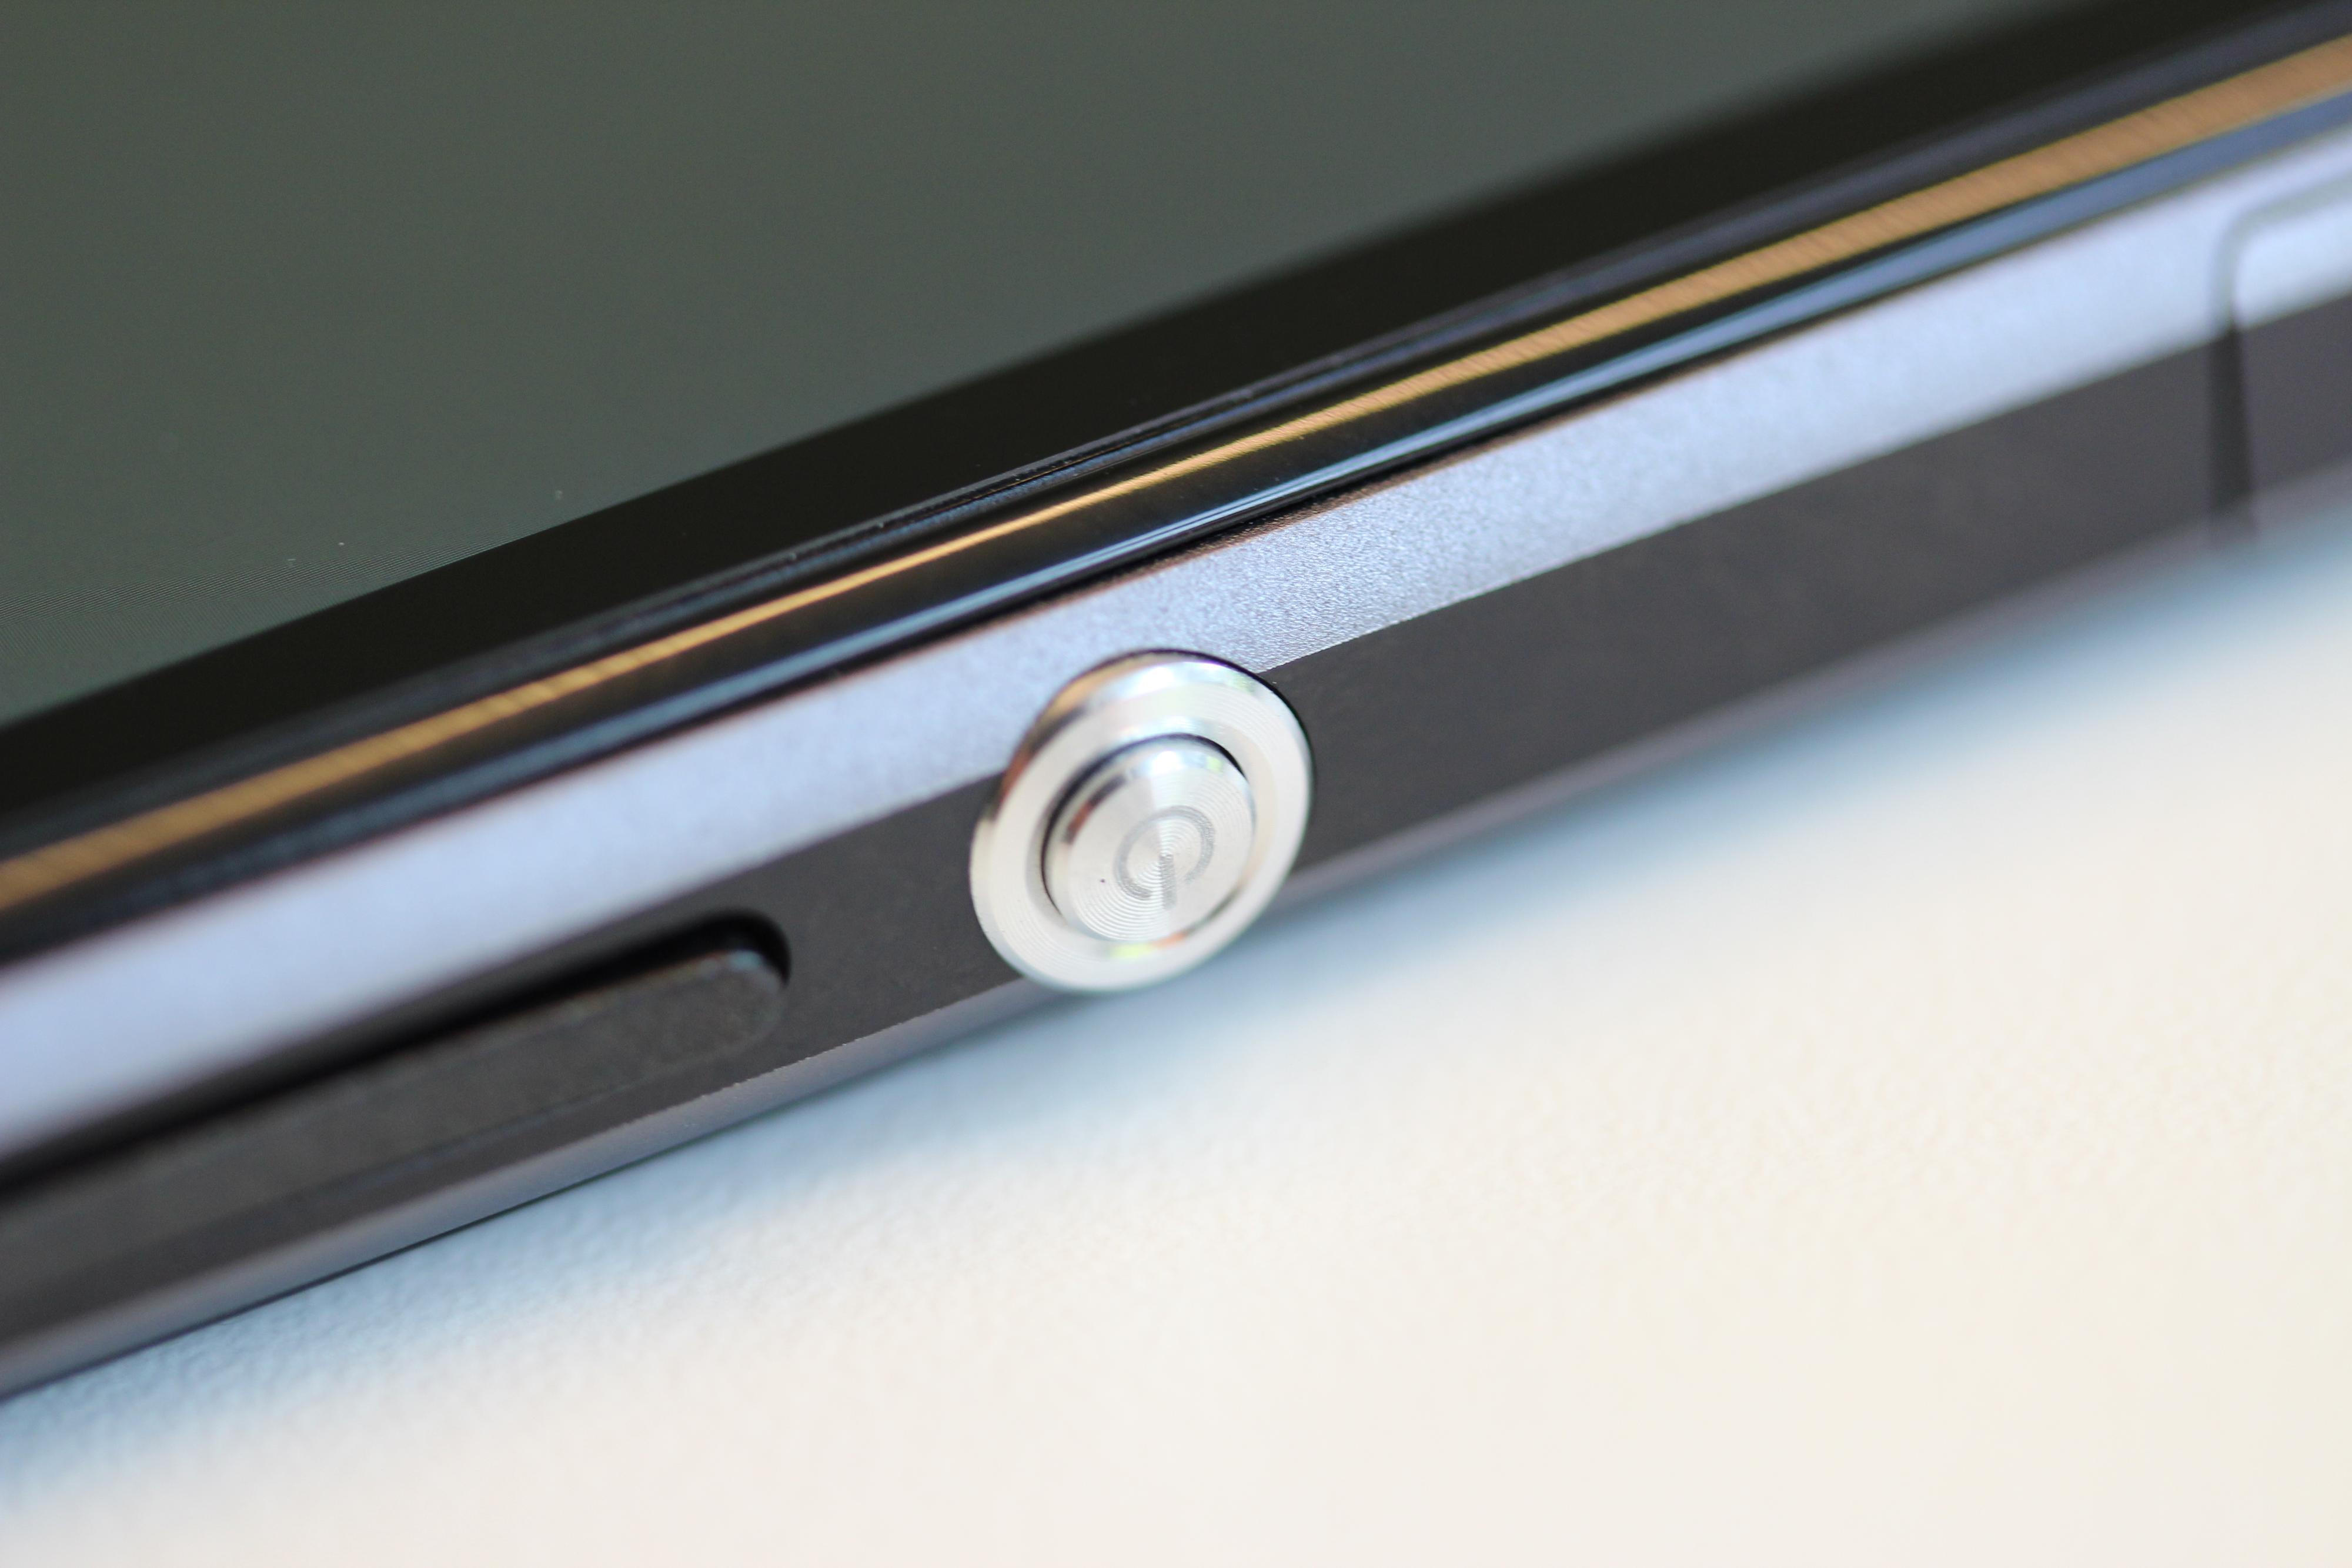 Den sirkelrunde tasten er blitt Sonys varemerke. Foto: Espen Irwing Swang, Amobil.no